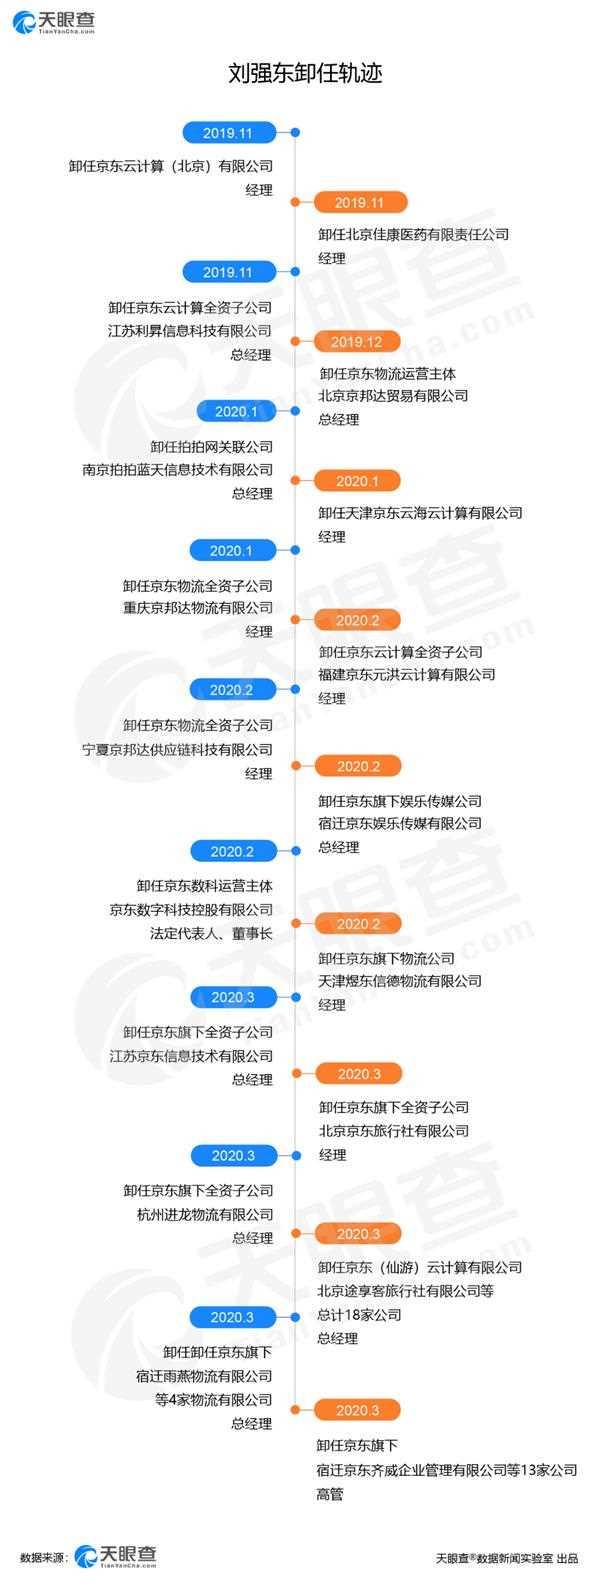 刘强东今年卸任47家京东关联公司高管 仍握79%投